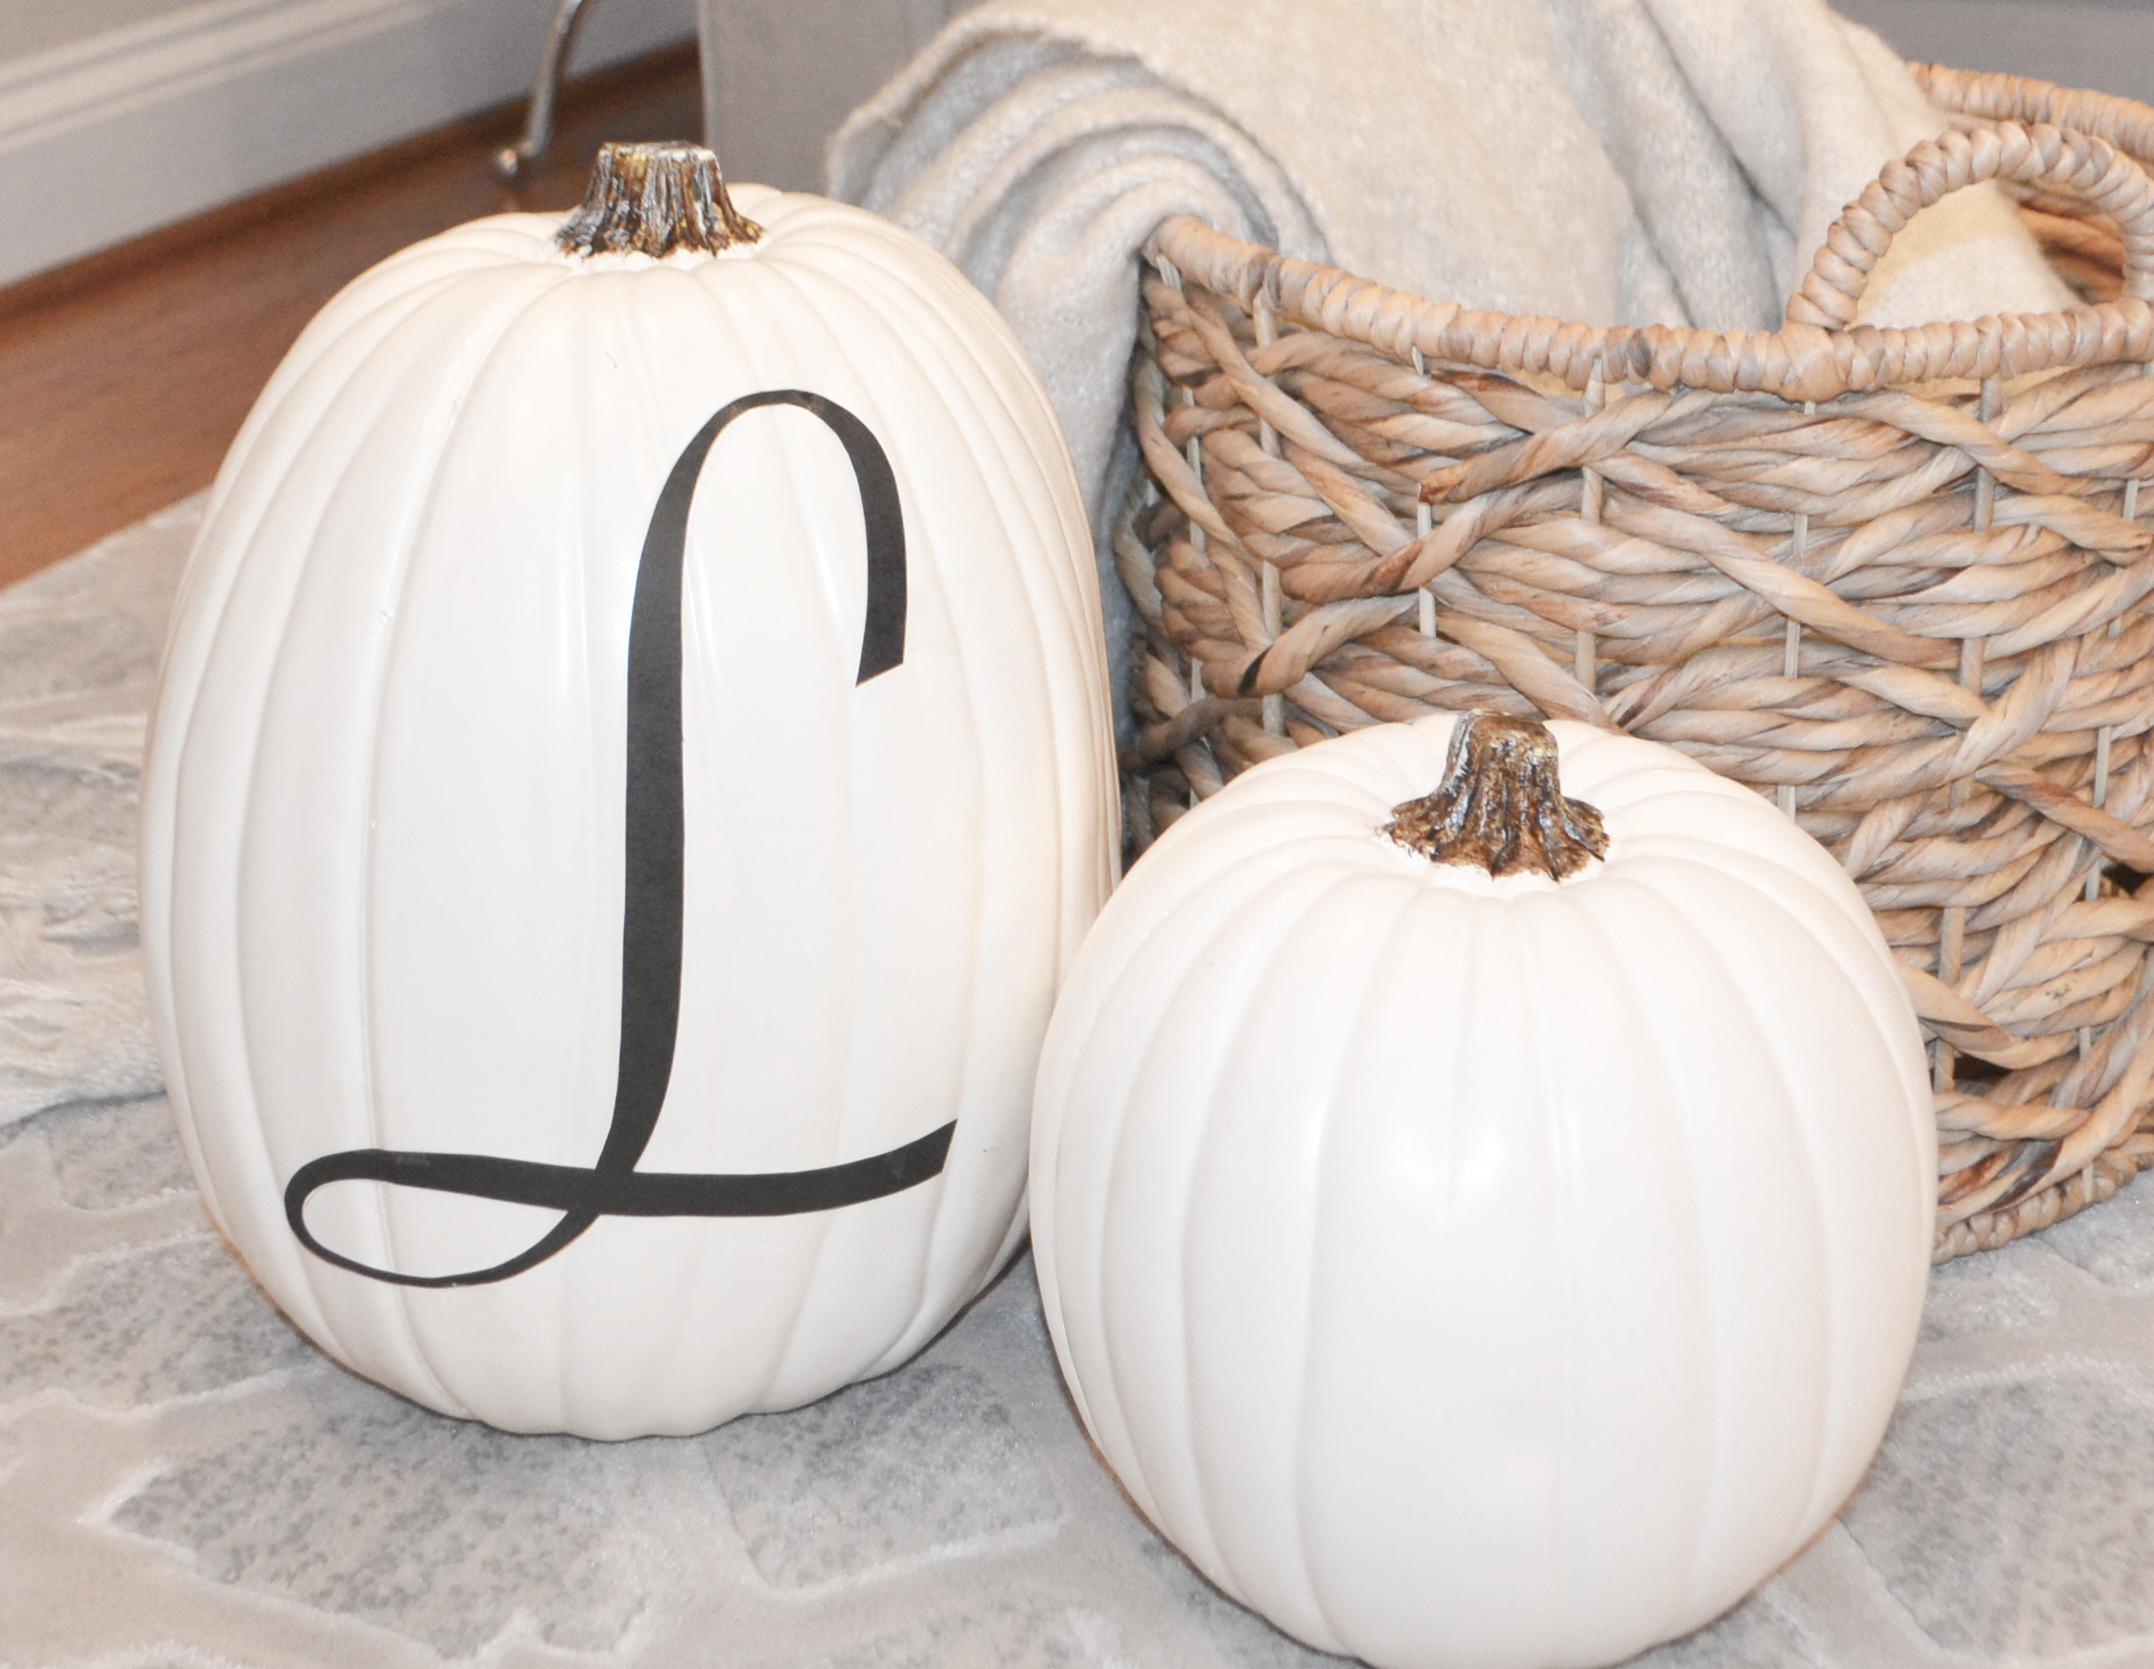 L pumpkin